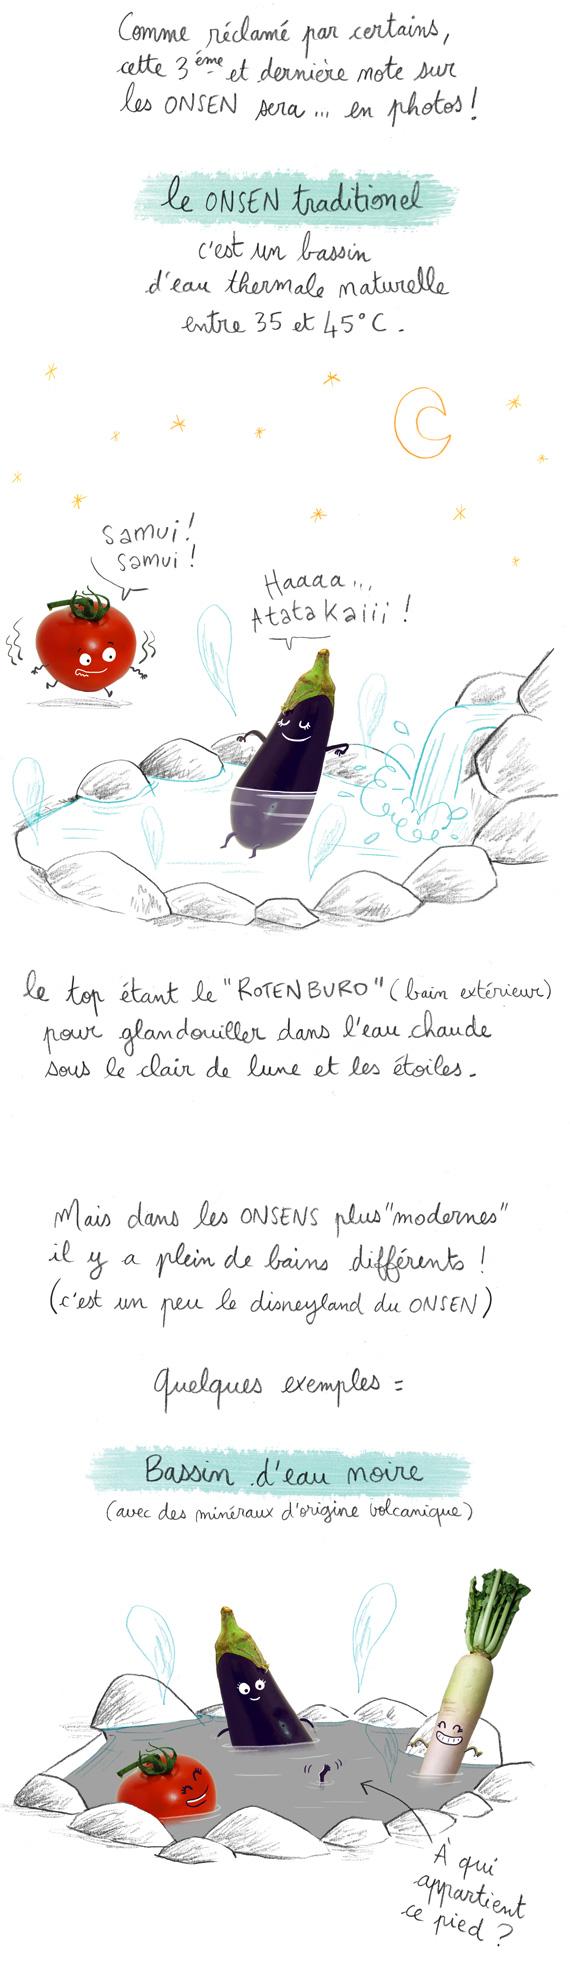 Comme reclamé par certains, cette 3eme et derniere note sur les onsen sera en photos. Le onsen traditionel est un bain d'eau thermale naturelle, entre 35°c et 45°c, le top étant le rotenburo ou bain en exterieur.